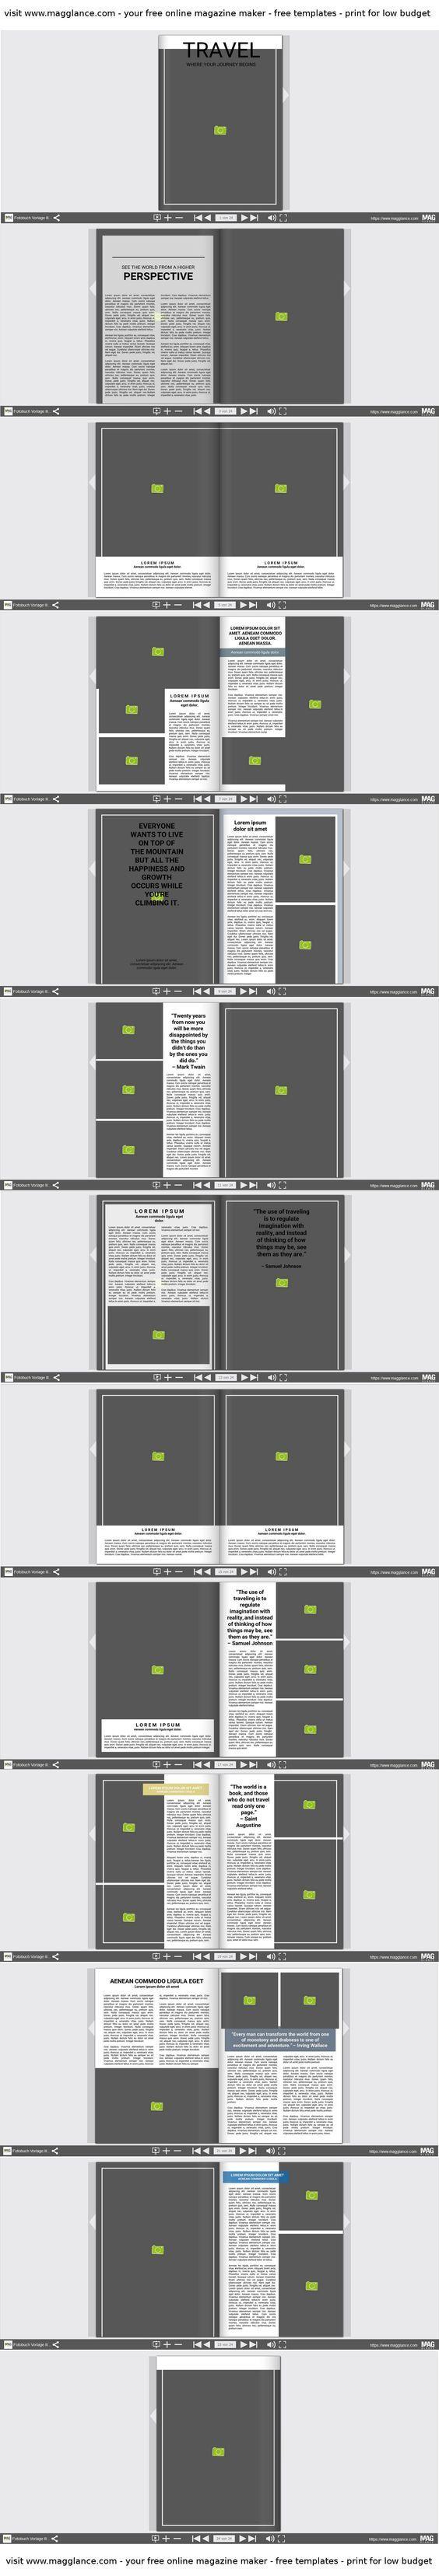 utwórz za darmo album fotograficzny w wersji online i wydrukuj w atrakcyjnej cenie pod  https://pl.magglance.com/album-fotograficzny/album-fotograficzny-utworz #album fotograficzny #szablon #design #wzór #przykład #template #edytuj #utwórz #layout #magazyn fotograficzny #online